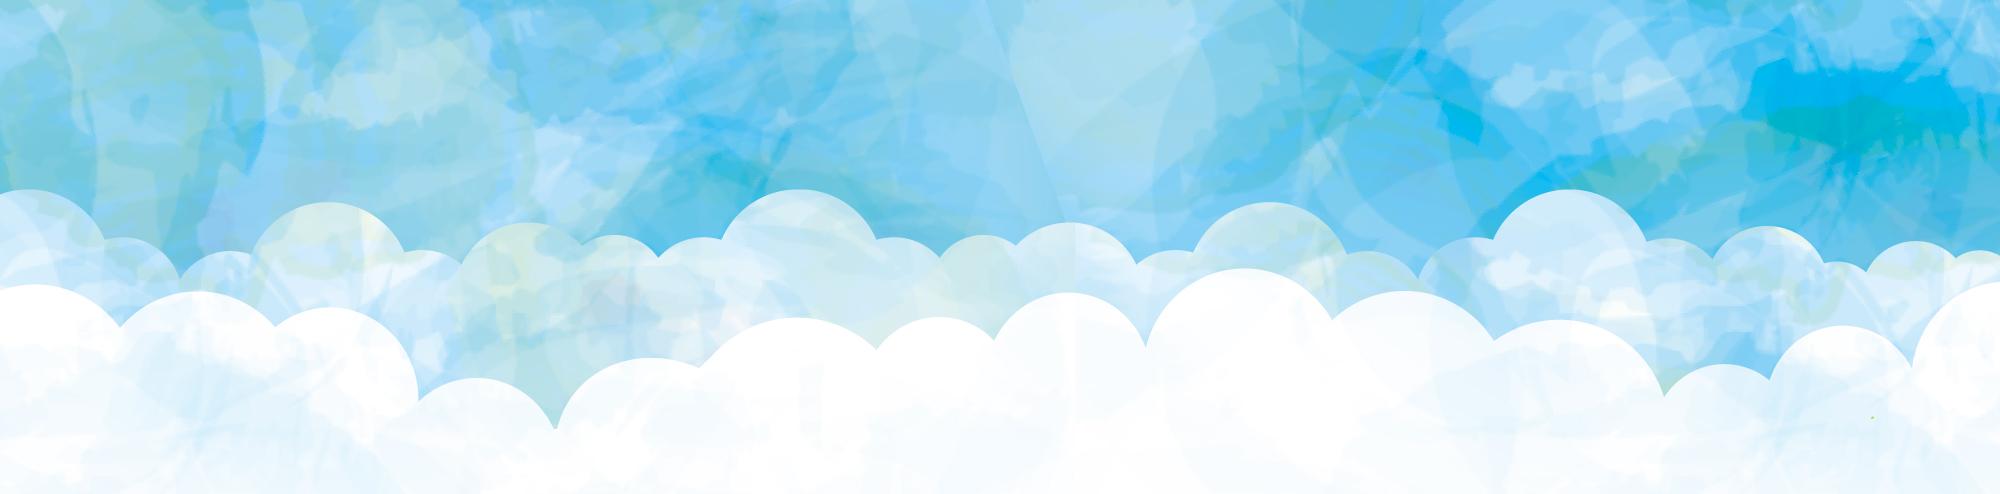 空のイラスト